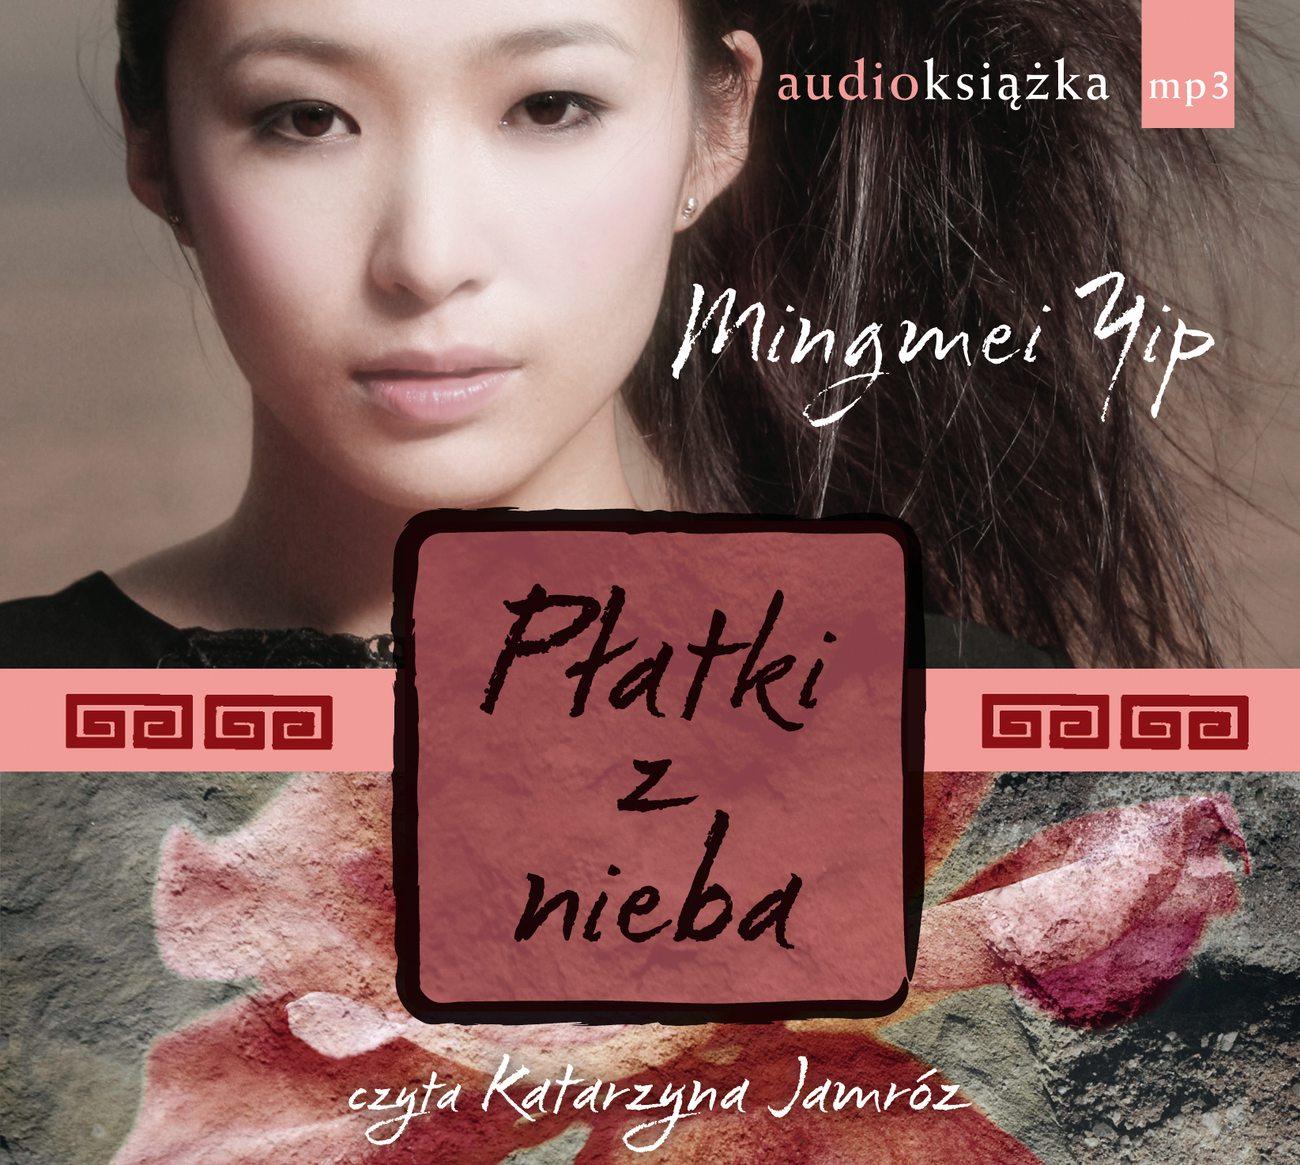 Płatki z nieba - audiobook – Mingmei Yip, Świat Książki, audiobook, książki audio, mp3, obyczajowe, powieść, epartnerzy.com